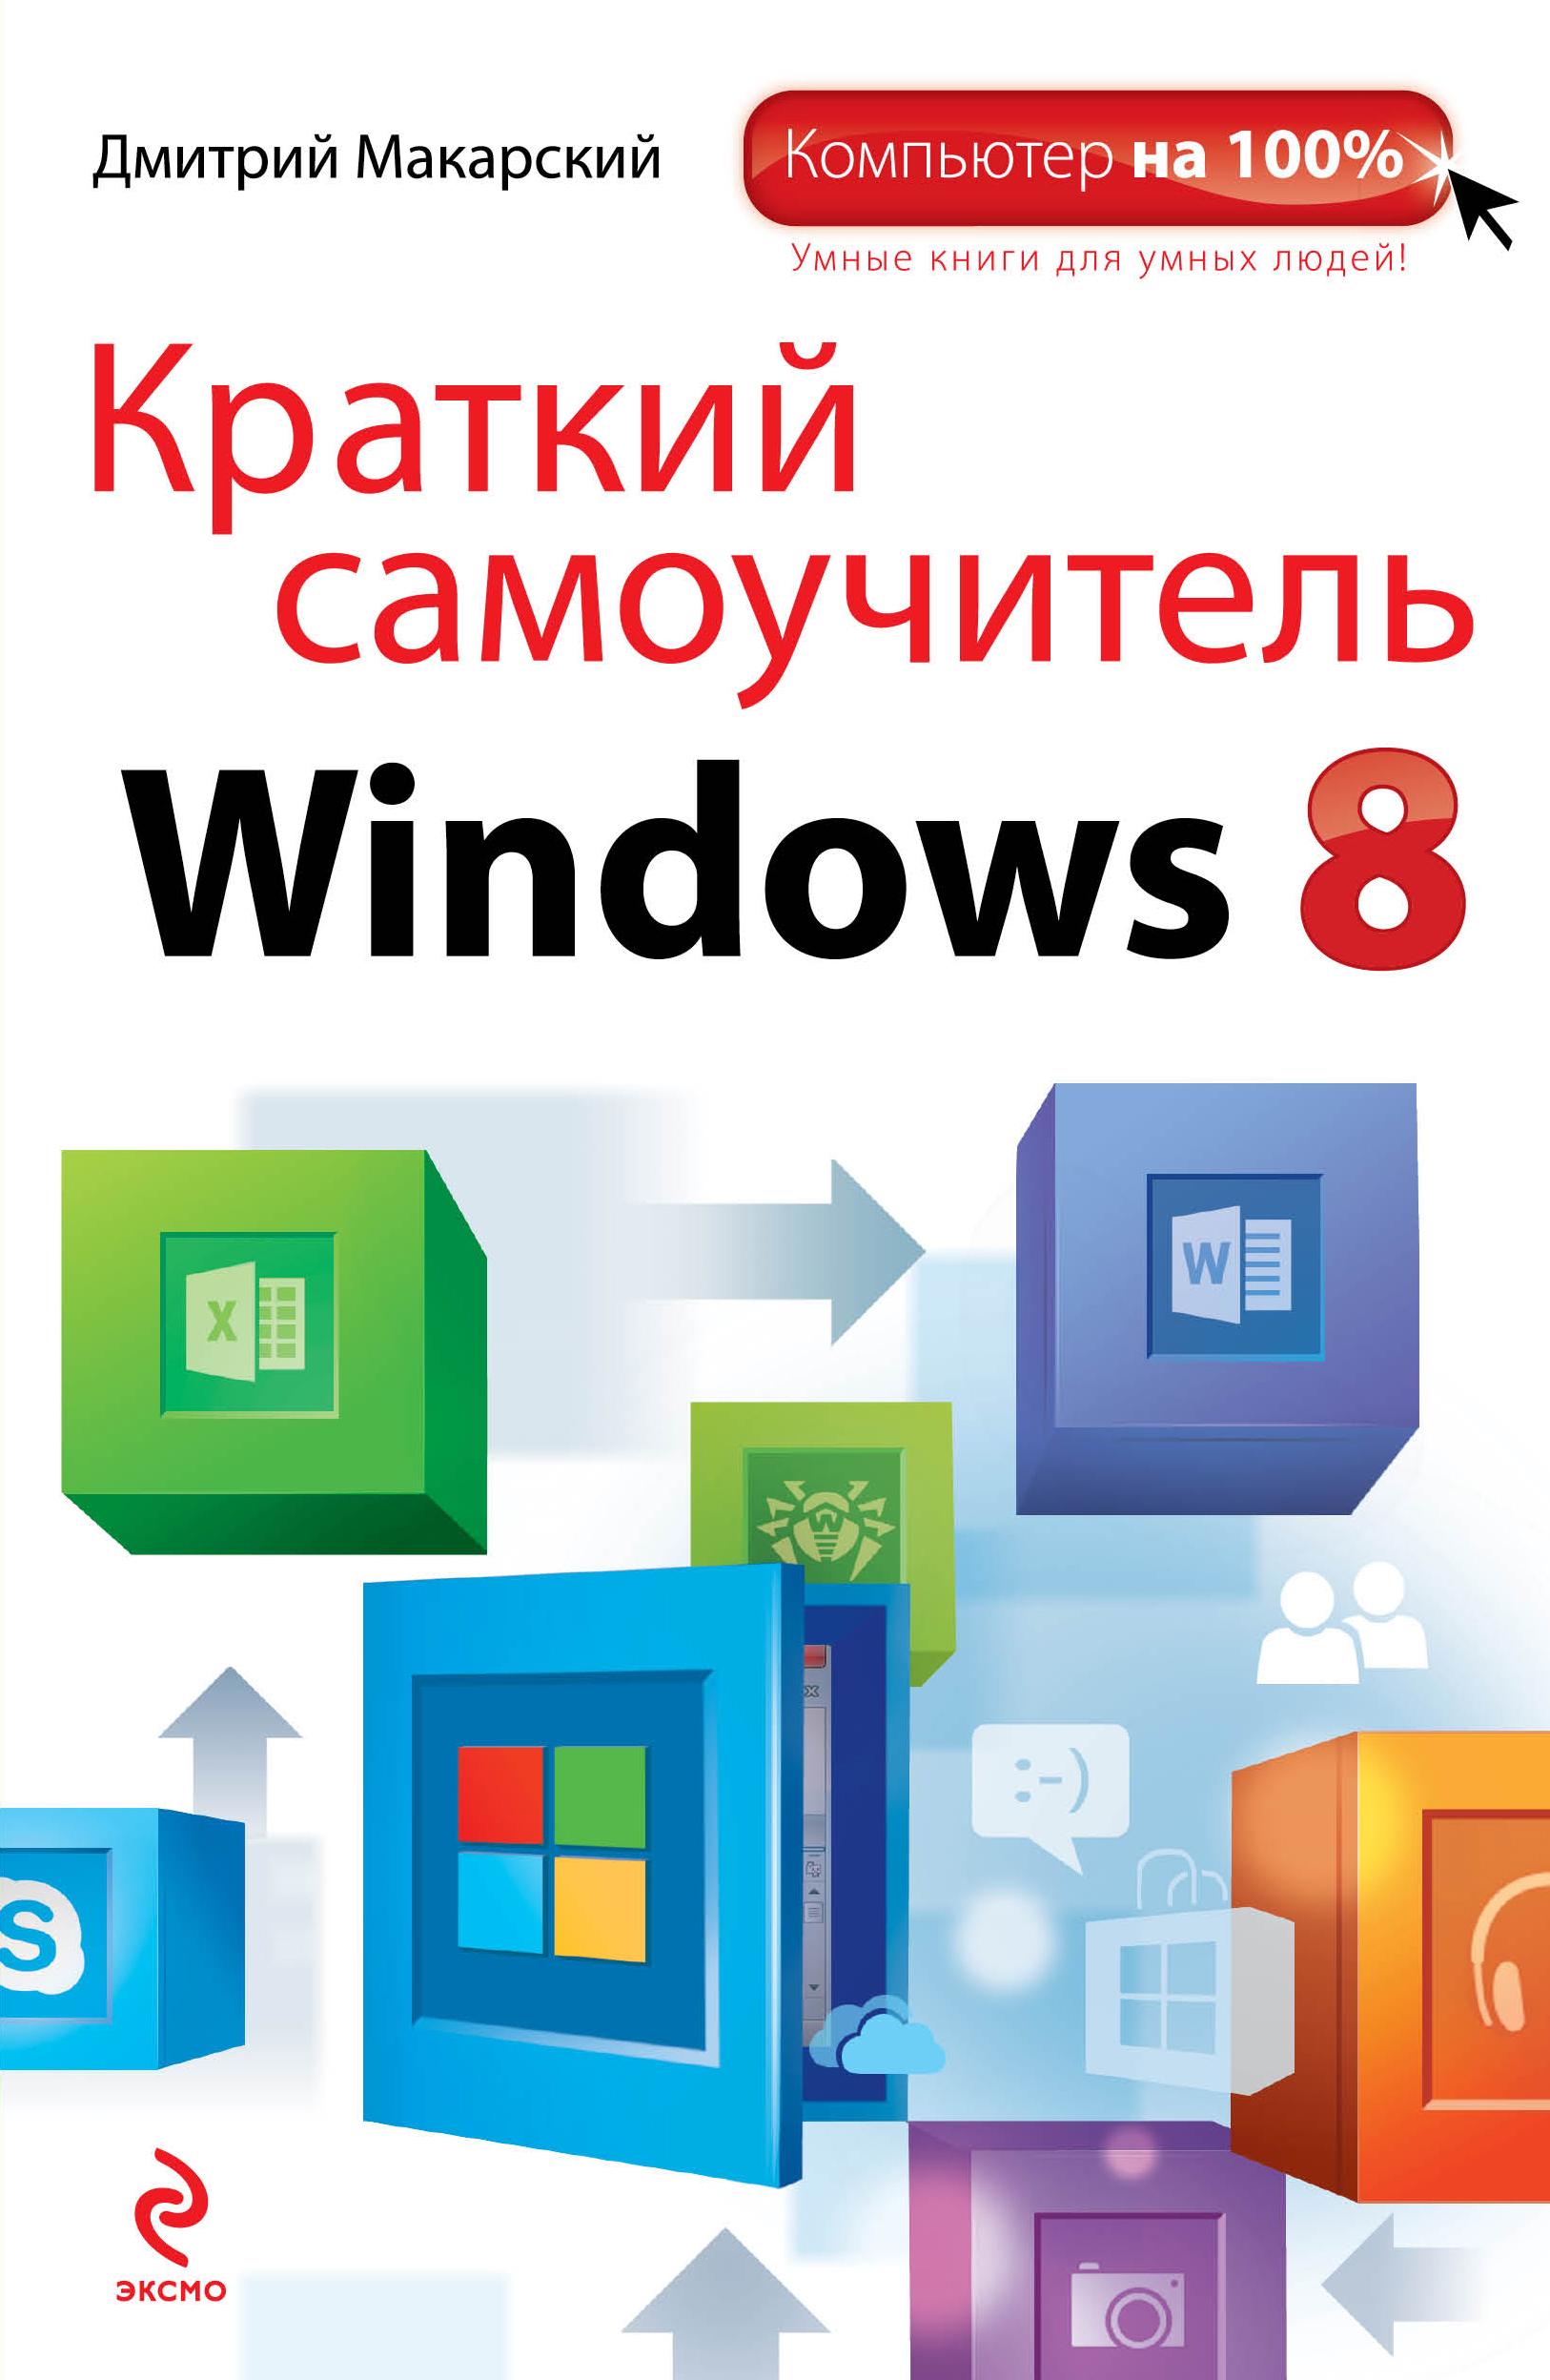 ������� ����������� Windows 8